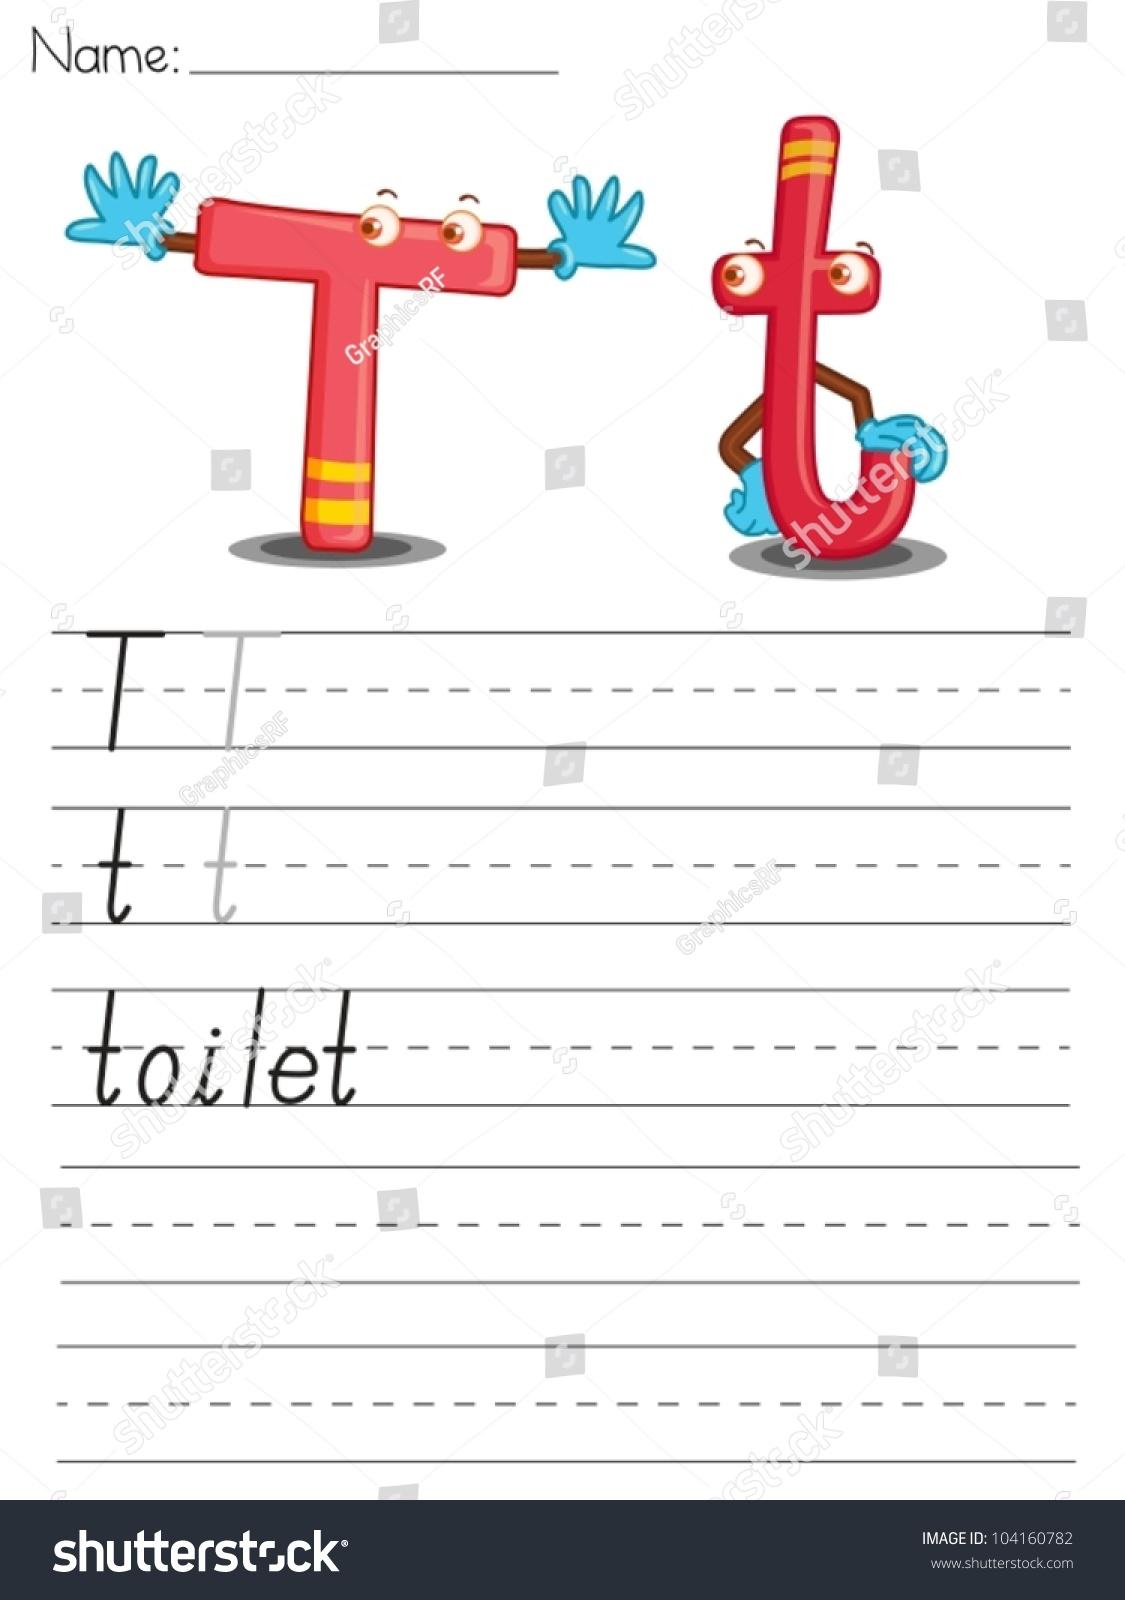 Illustrated Alphabet Worksheet Of The Letter T Stock